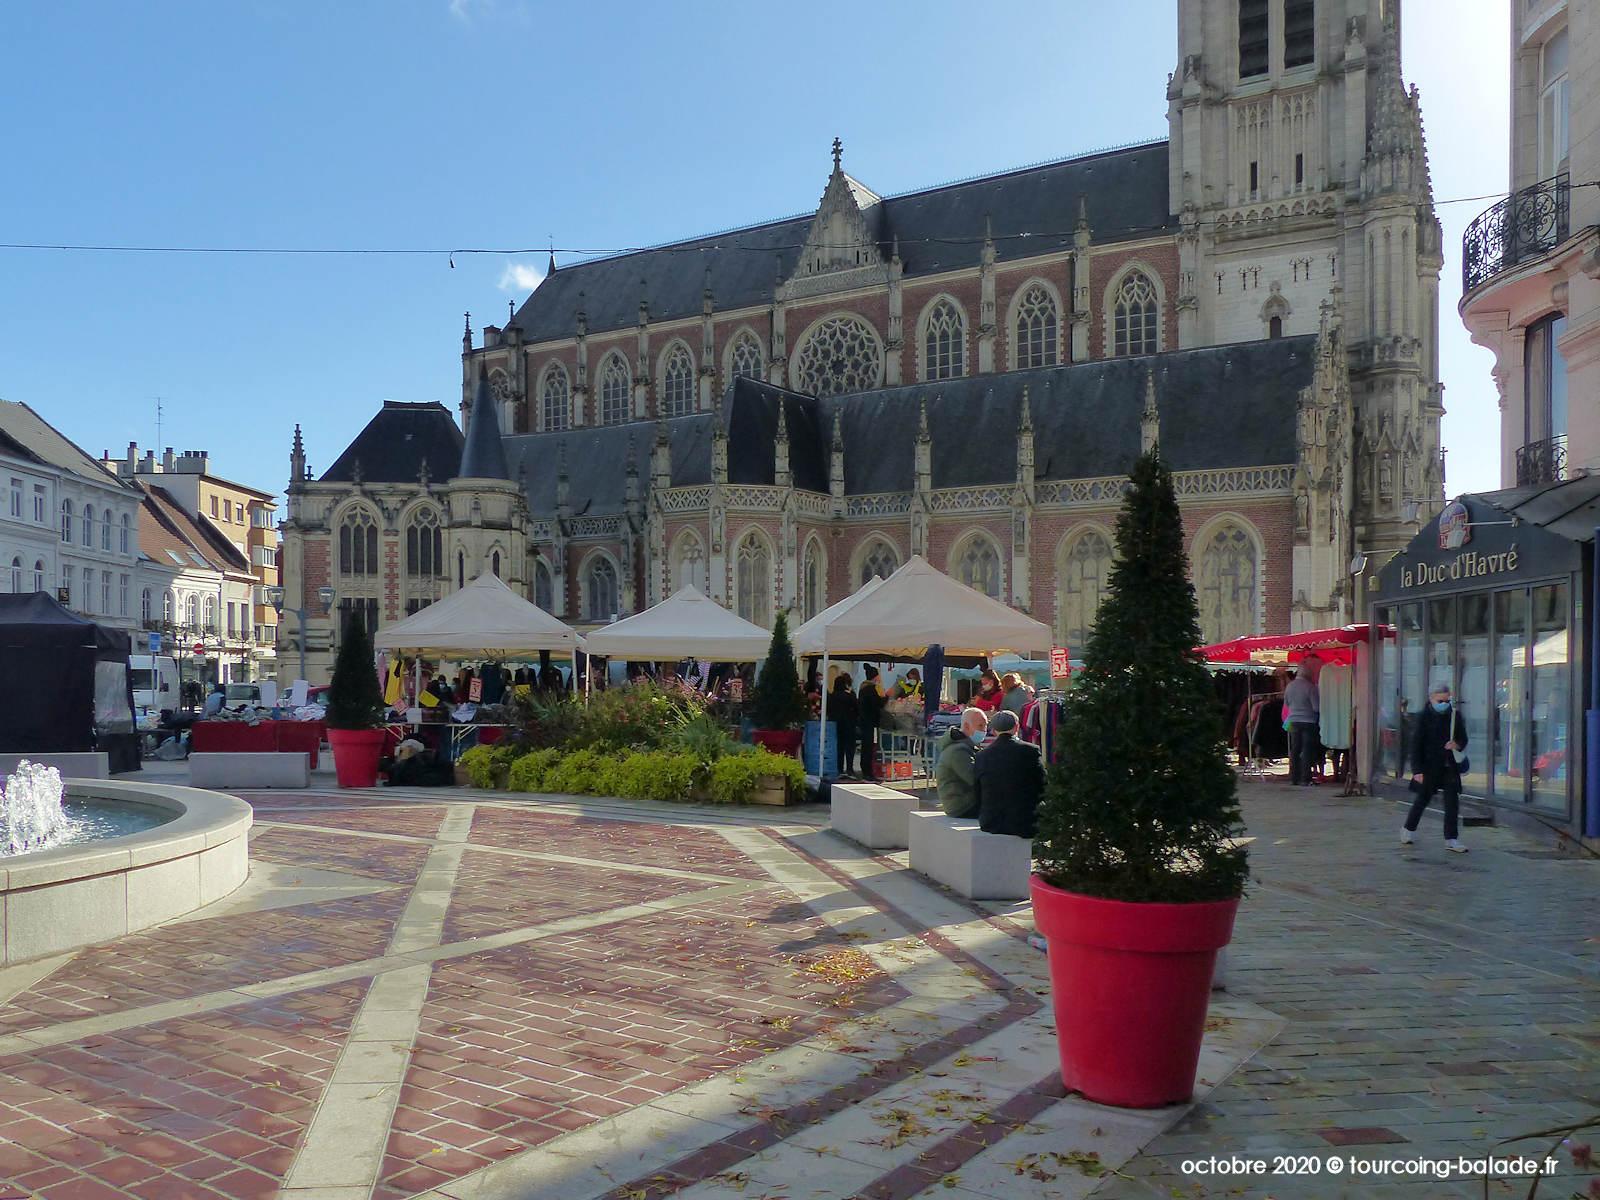 Tourcoing, Marché du Centre, Grand Place et Église Saint-Christophe, 2020